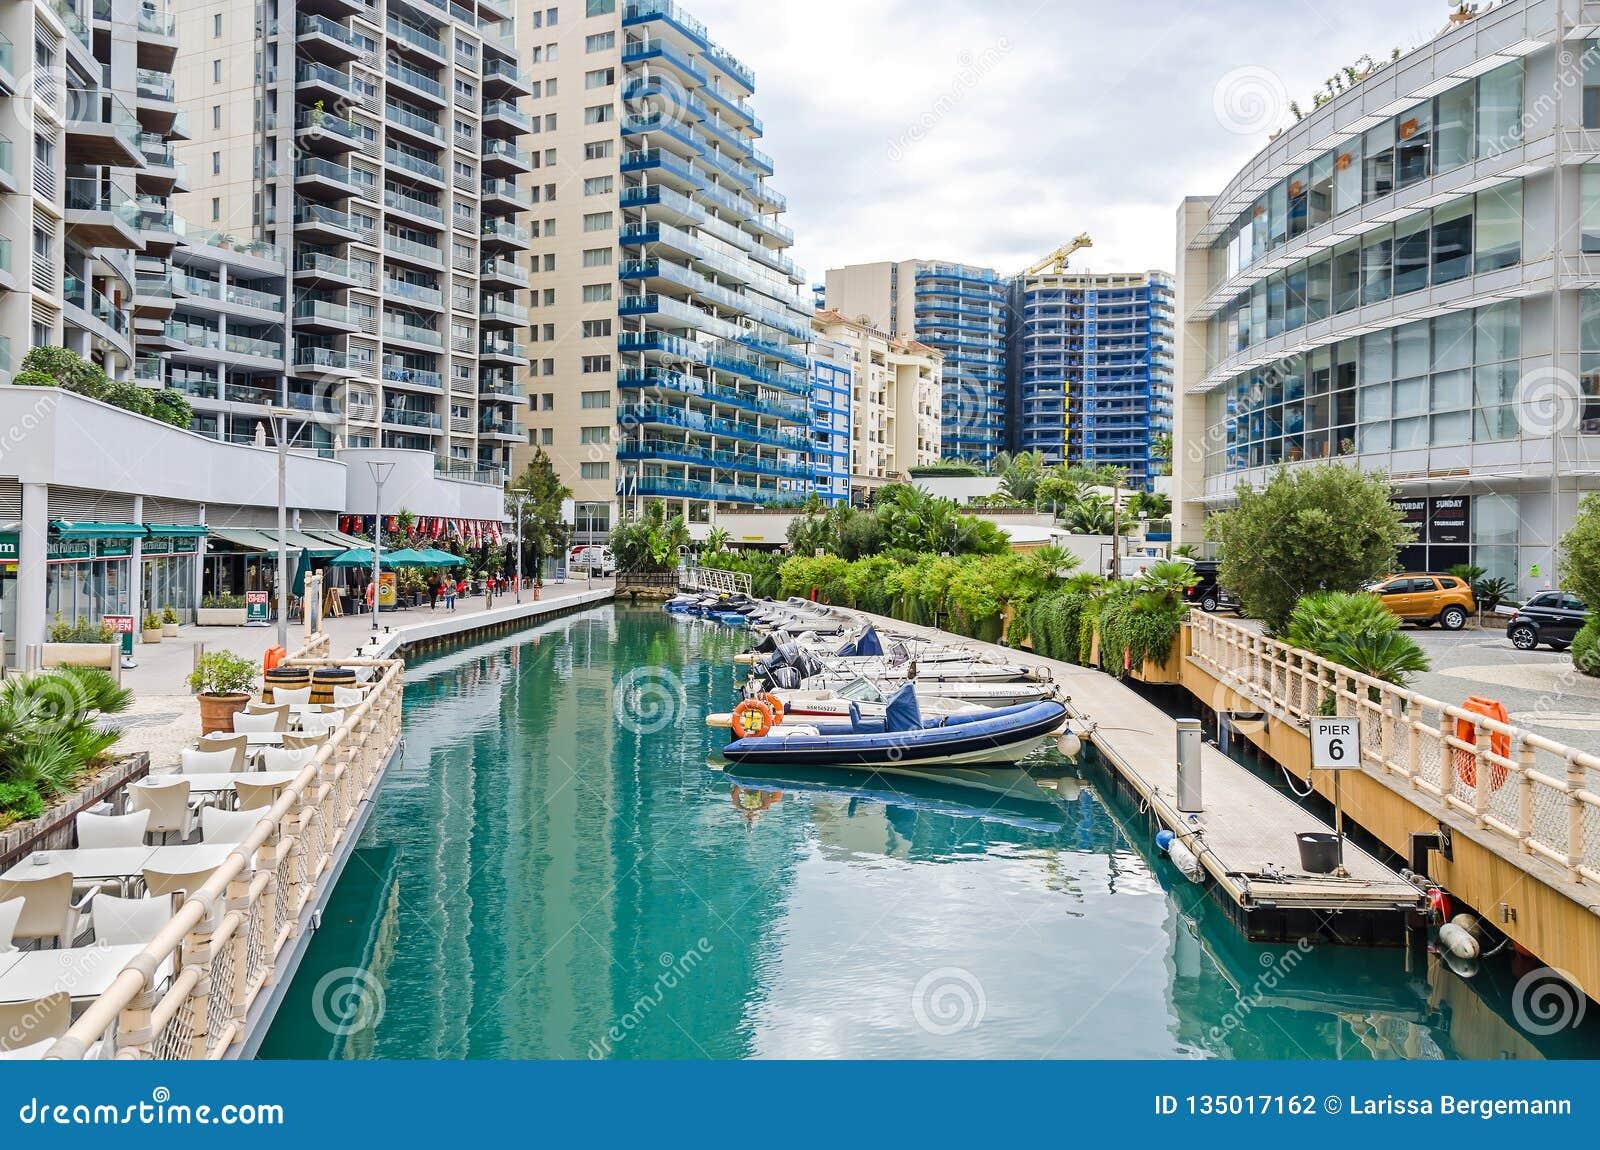 Marina Bay Square im Ozean-Dorf mit Restaurants und Wohnwohnungen in Gibraltar